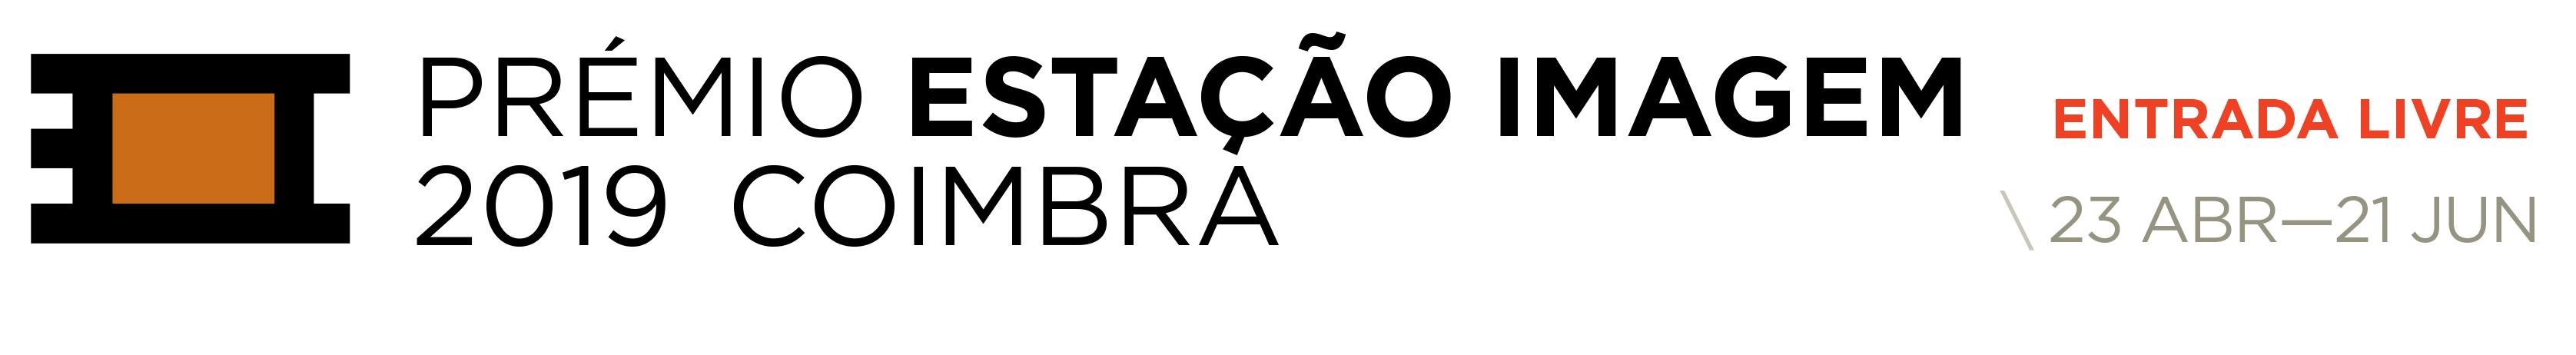 Premio_Estacao_Imagem2019